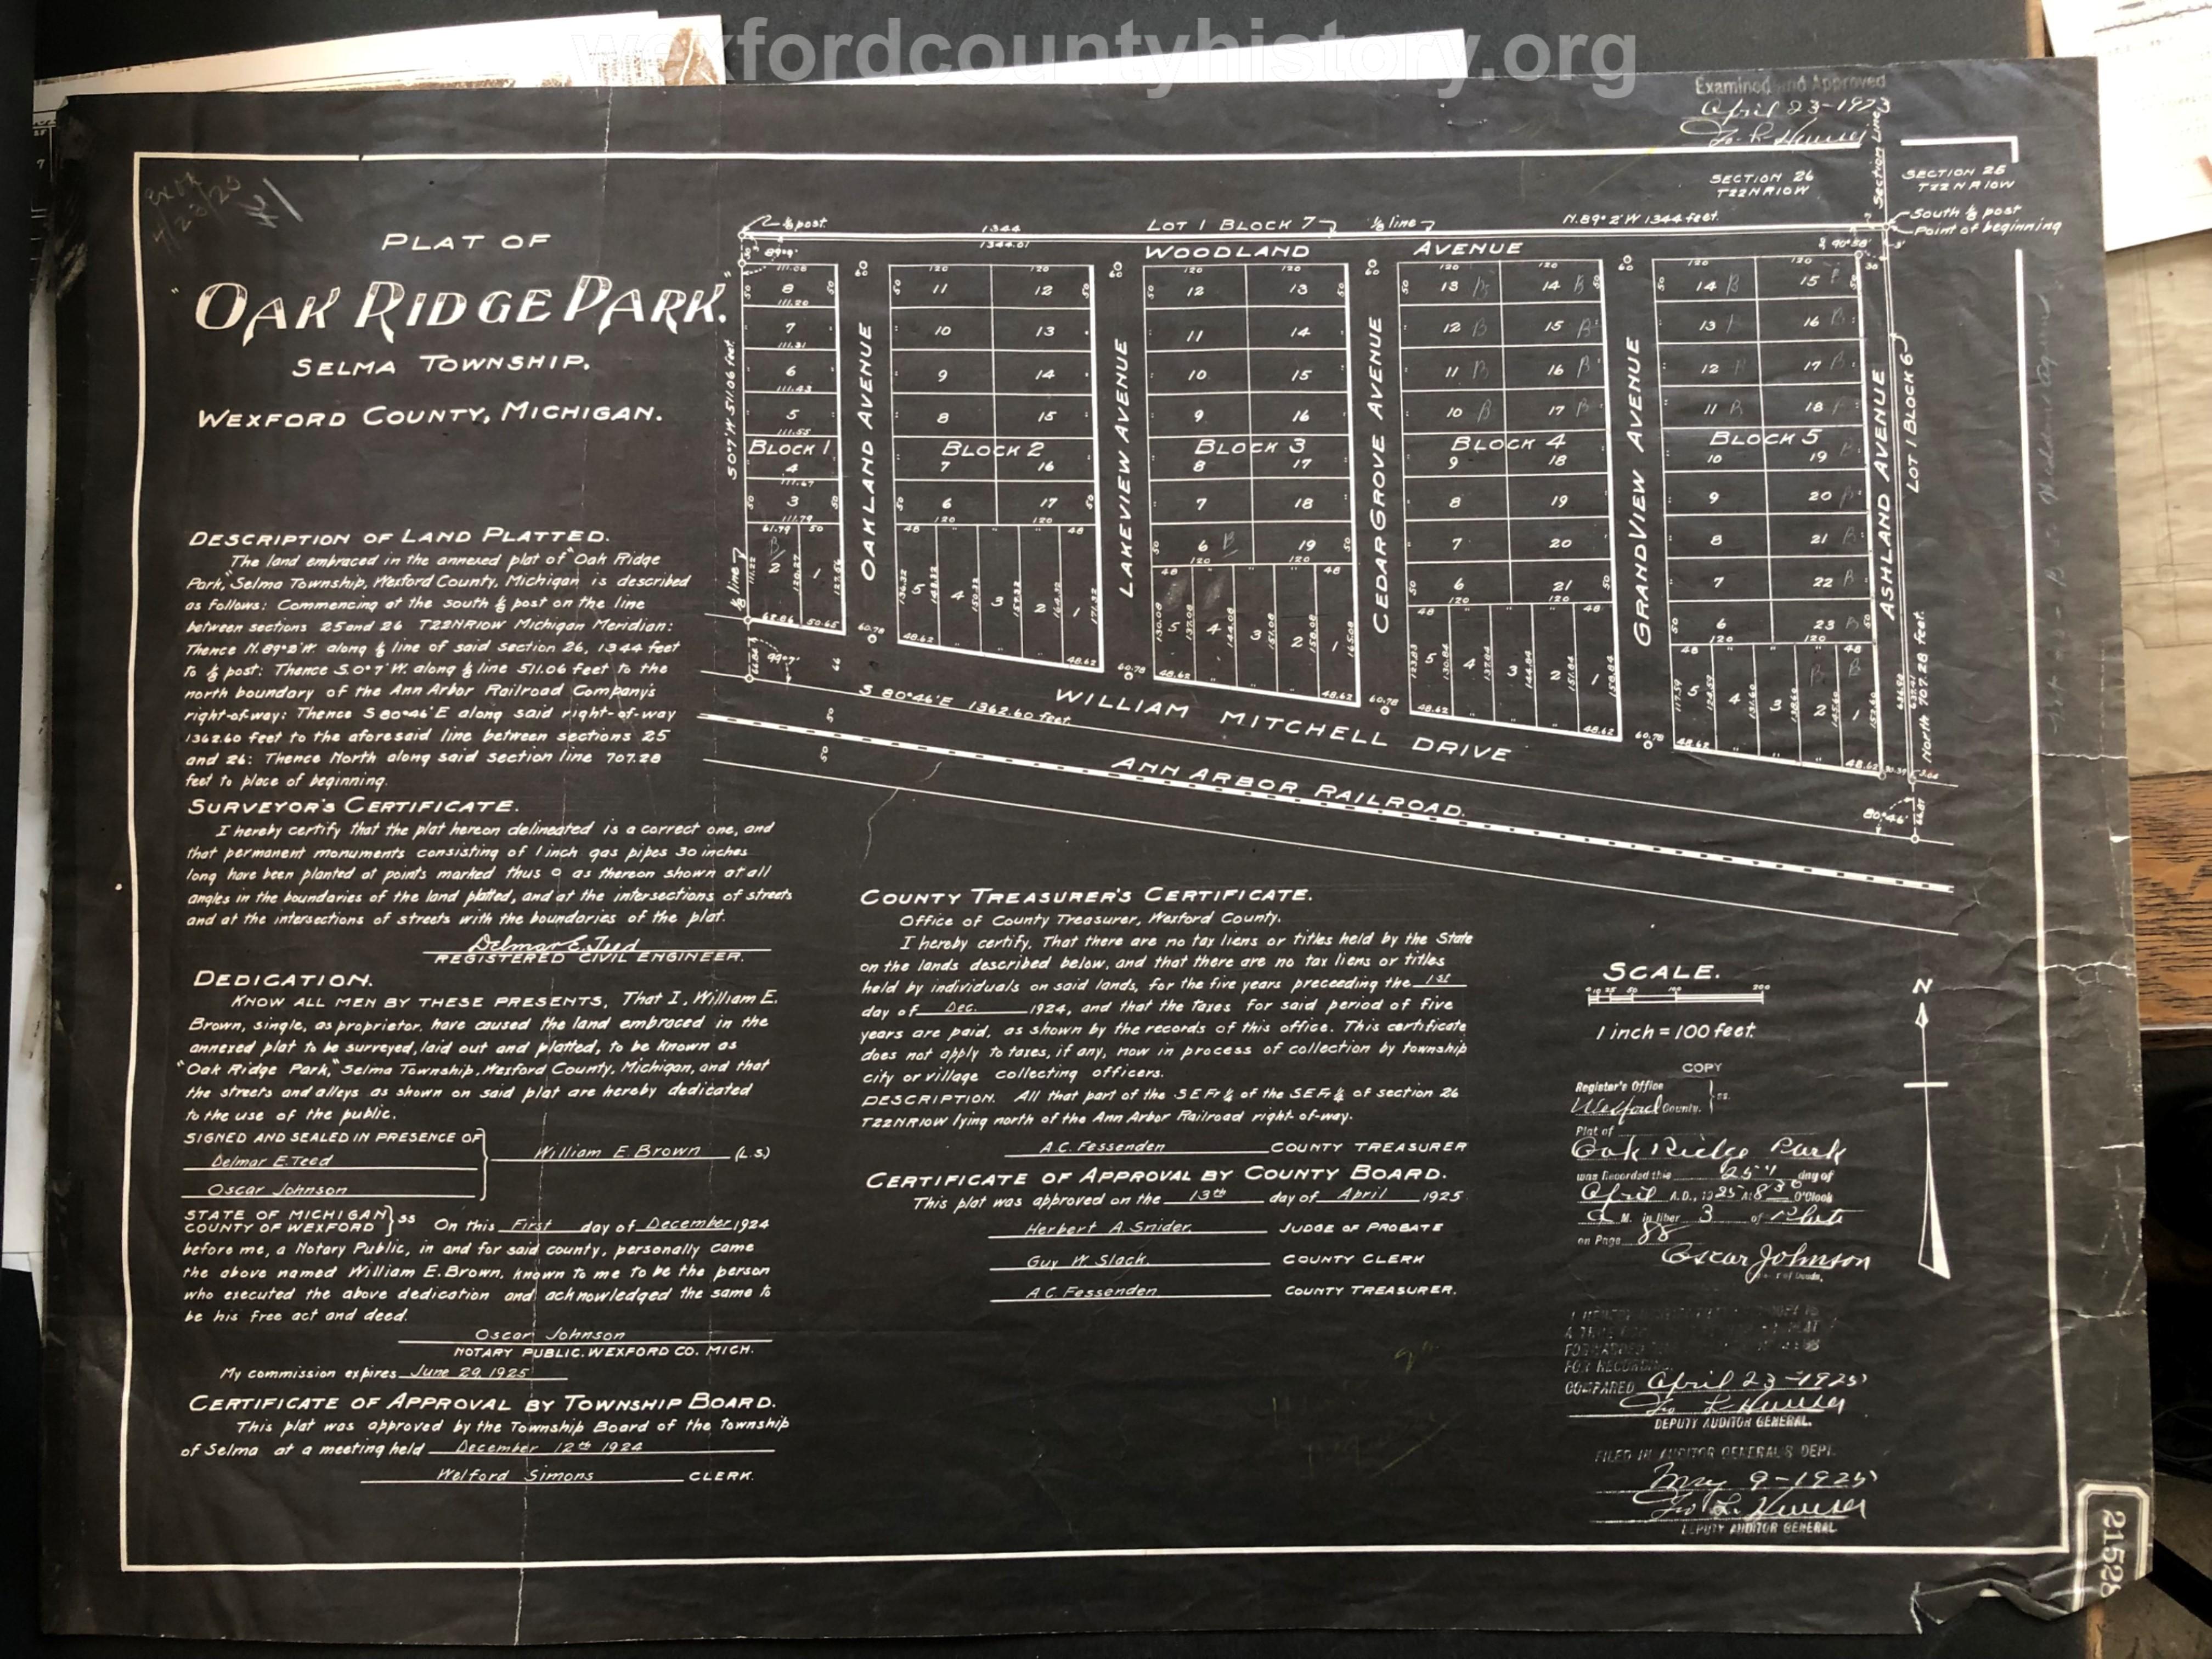 1925 - Oak Ridge Park